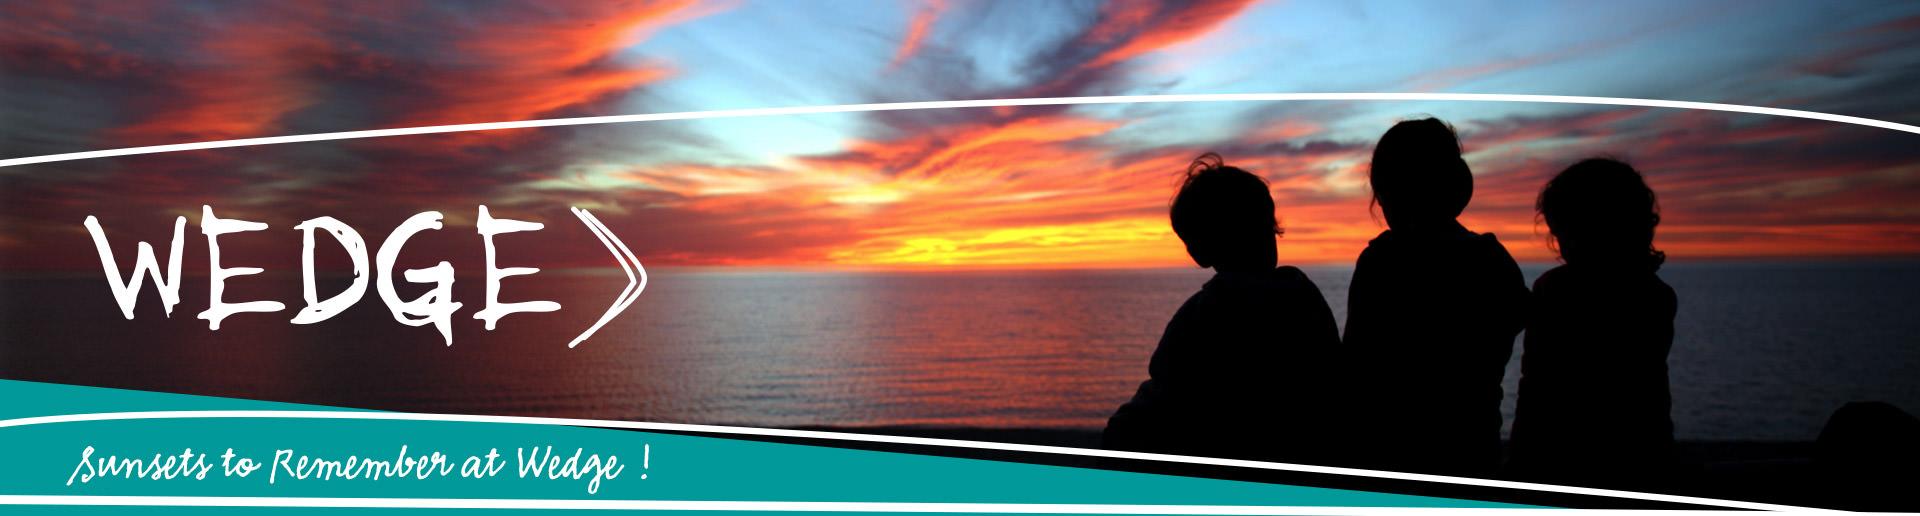 sunsets_header_1920x416